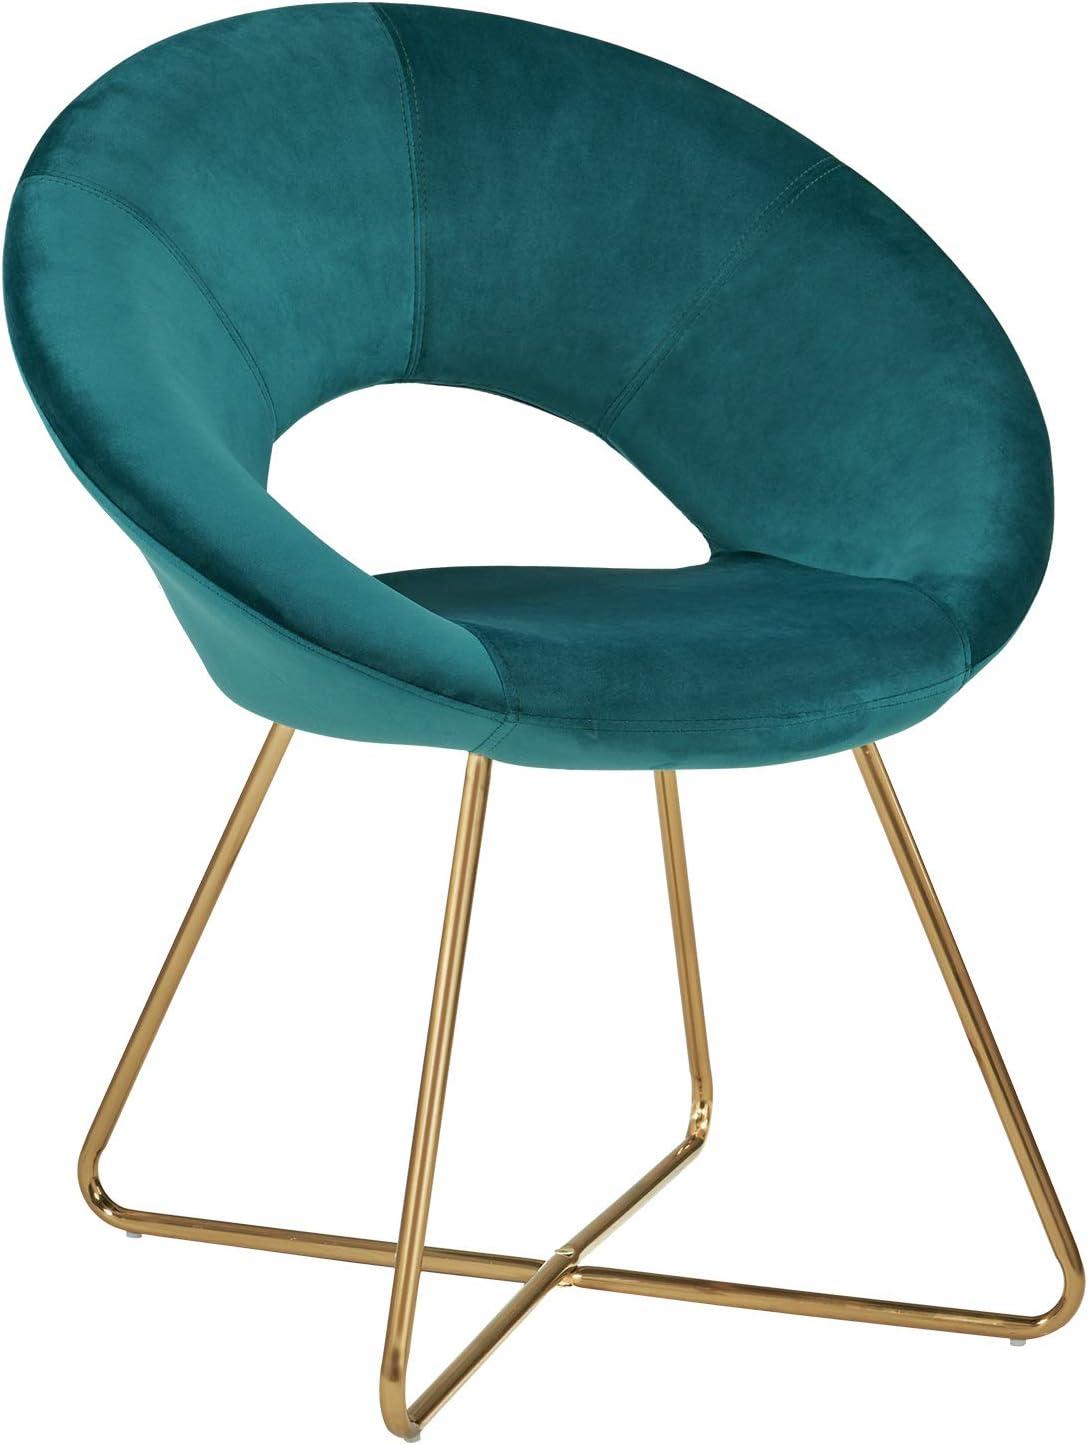 Duhome Silla de Comedor de Tela (Terciopelo) diseño Retro con Brazos Silla tapizada Vintage sillón con Patas de Metallo seleccion de Color 439D, Color:Verde Azulado, Material:Terciopelo